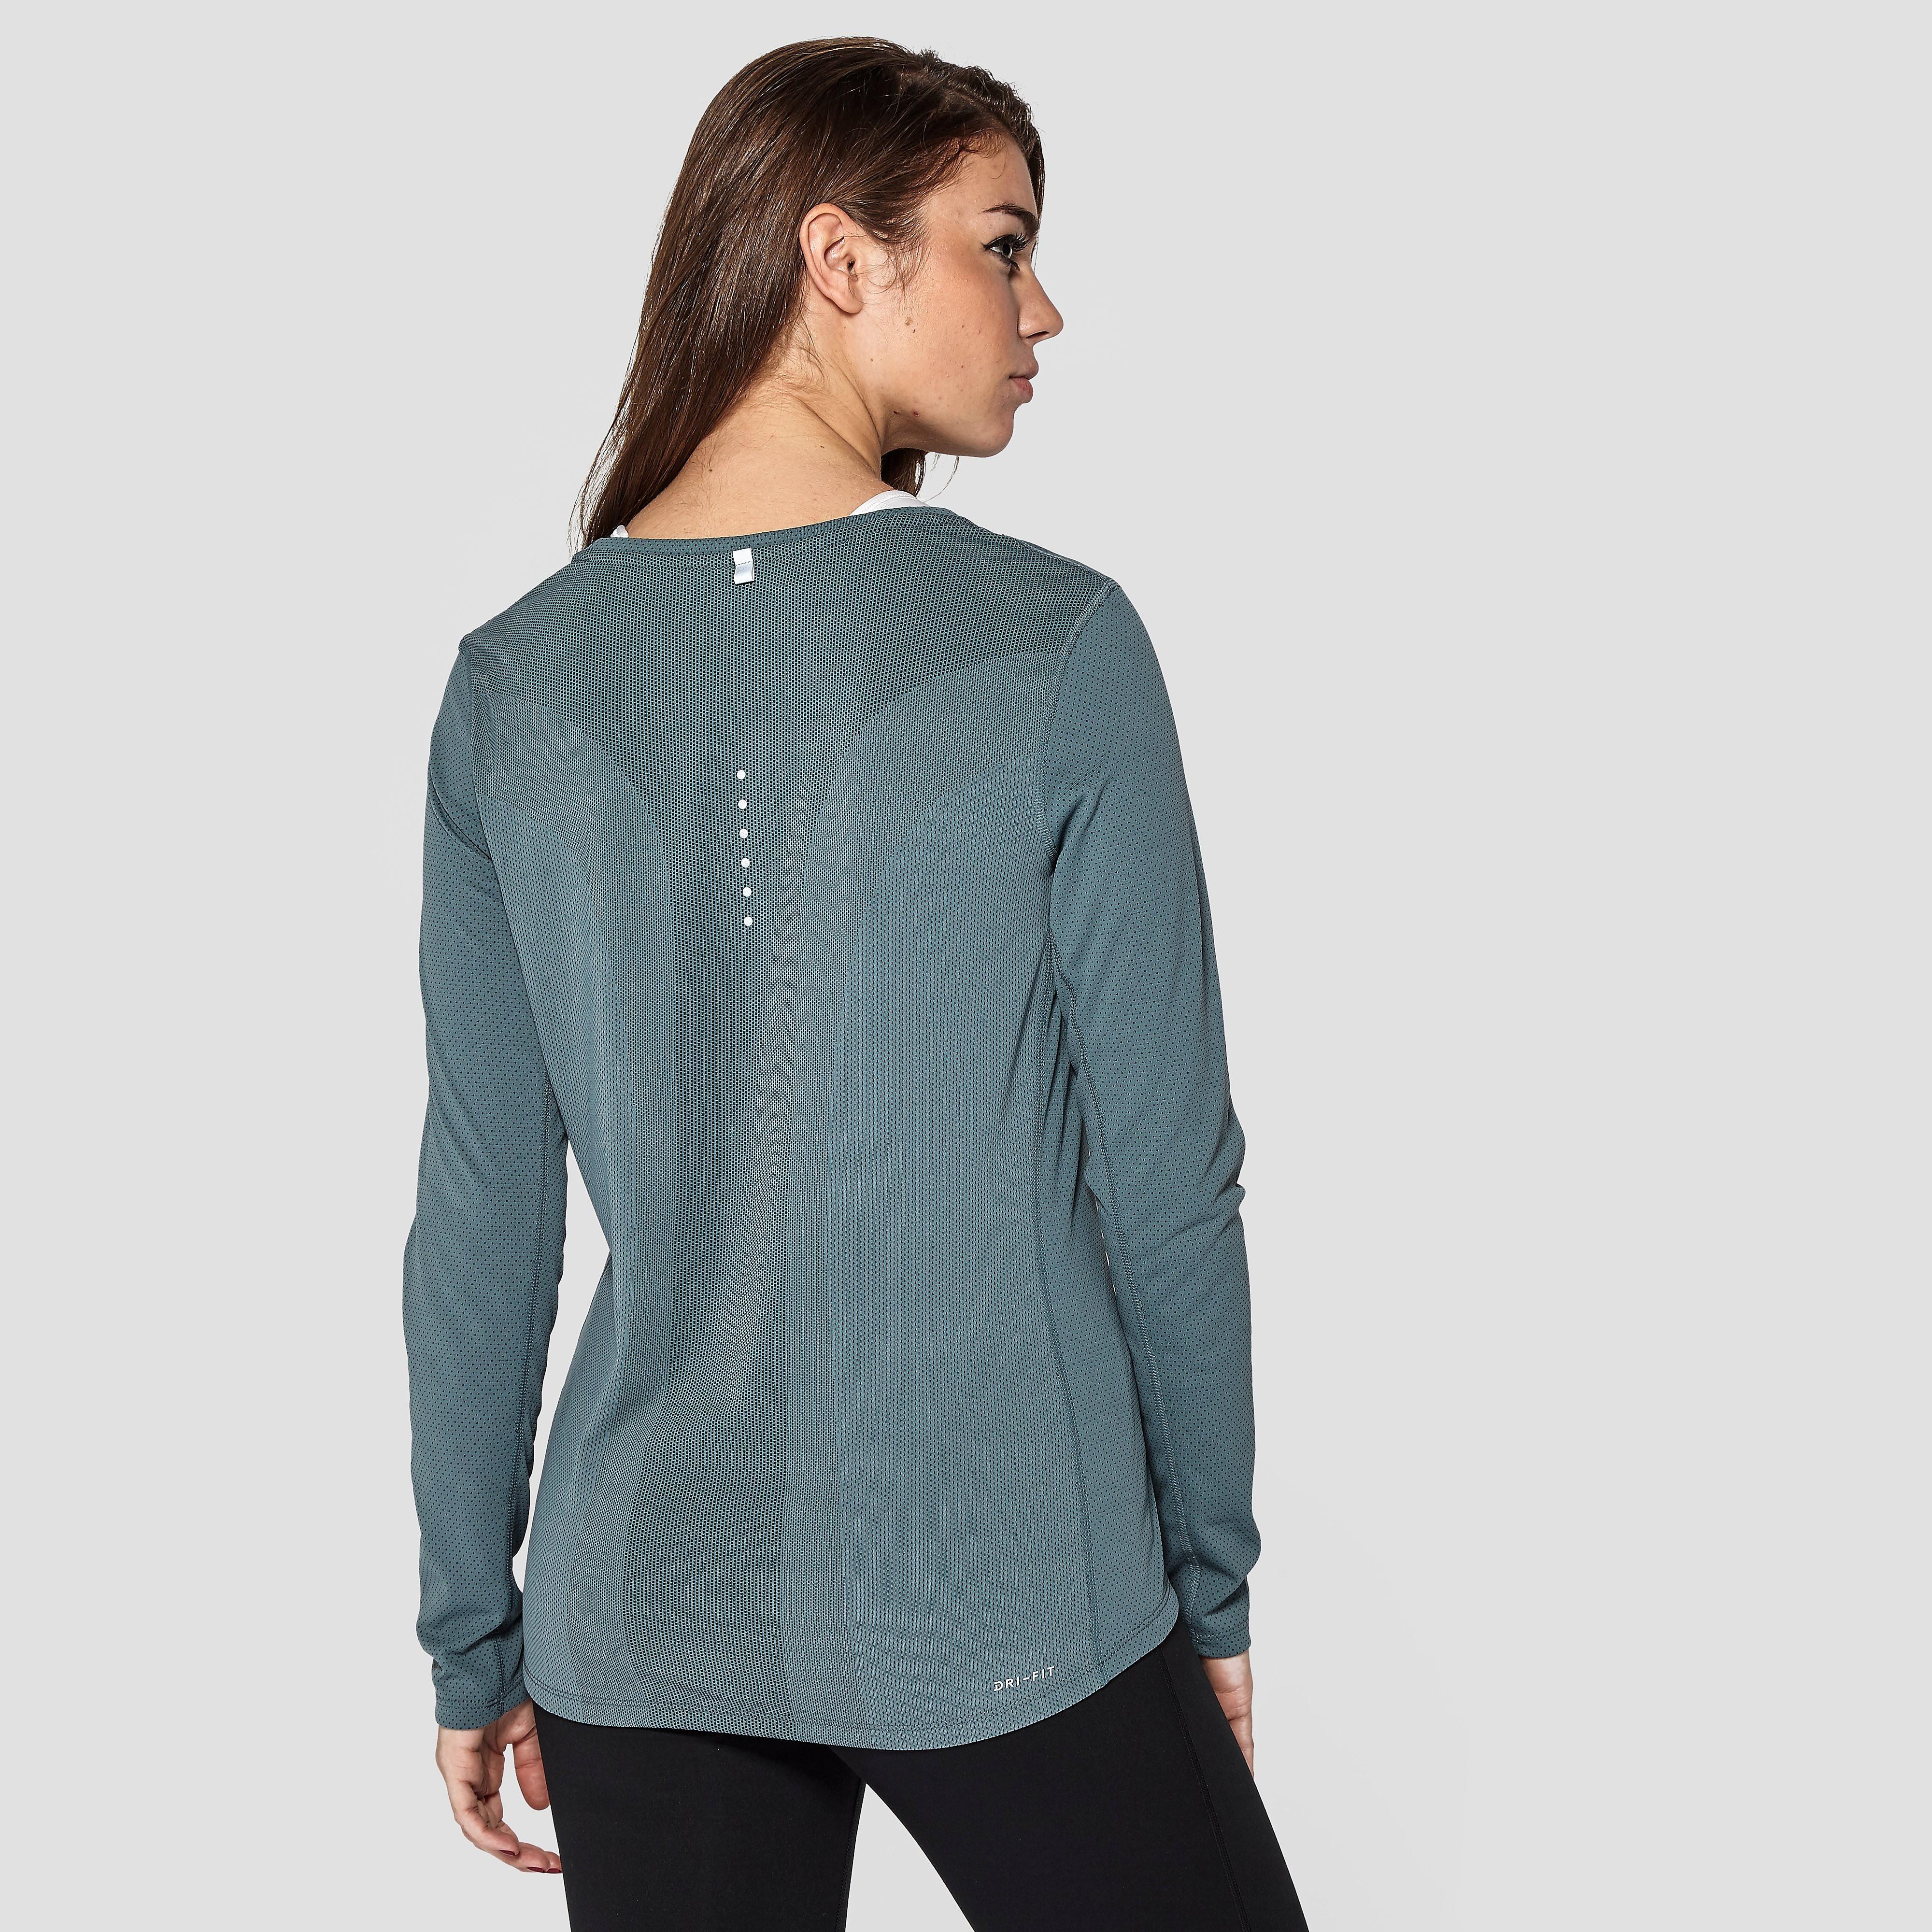 Nike Women's Dri-FIT Contour Long-Sleeve Running T-Shirt